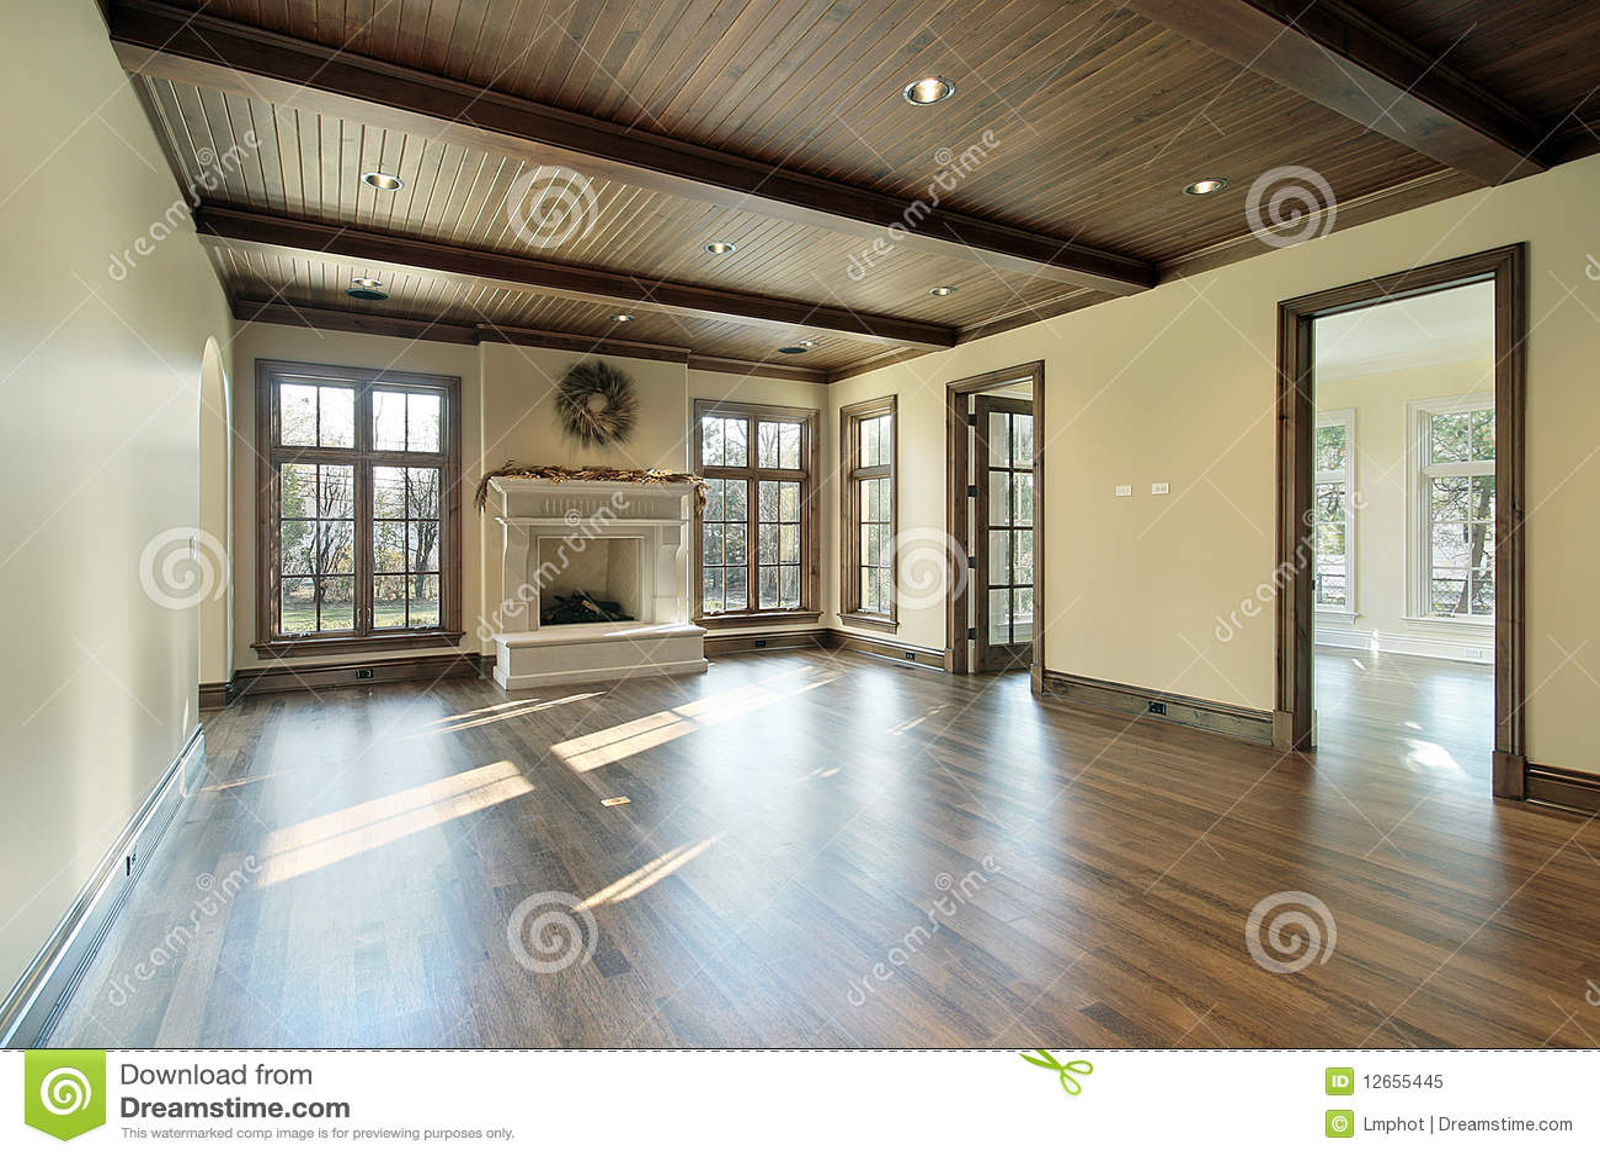 De ruimte van de familie met houten plafond royalty vrije stock ...